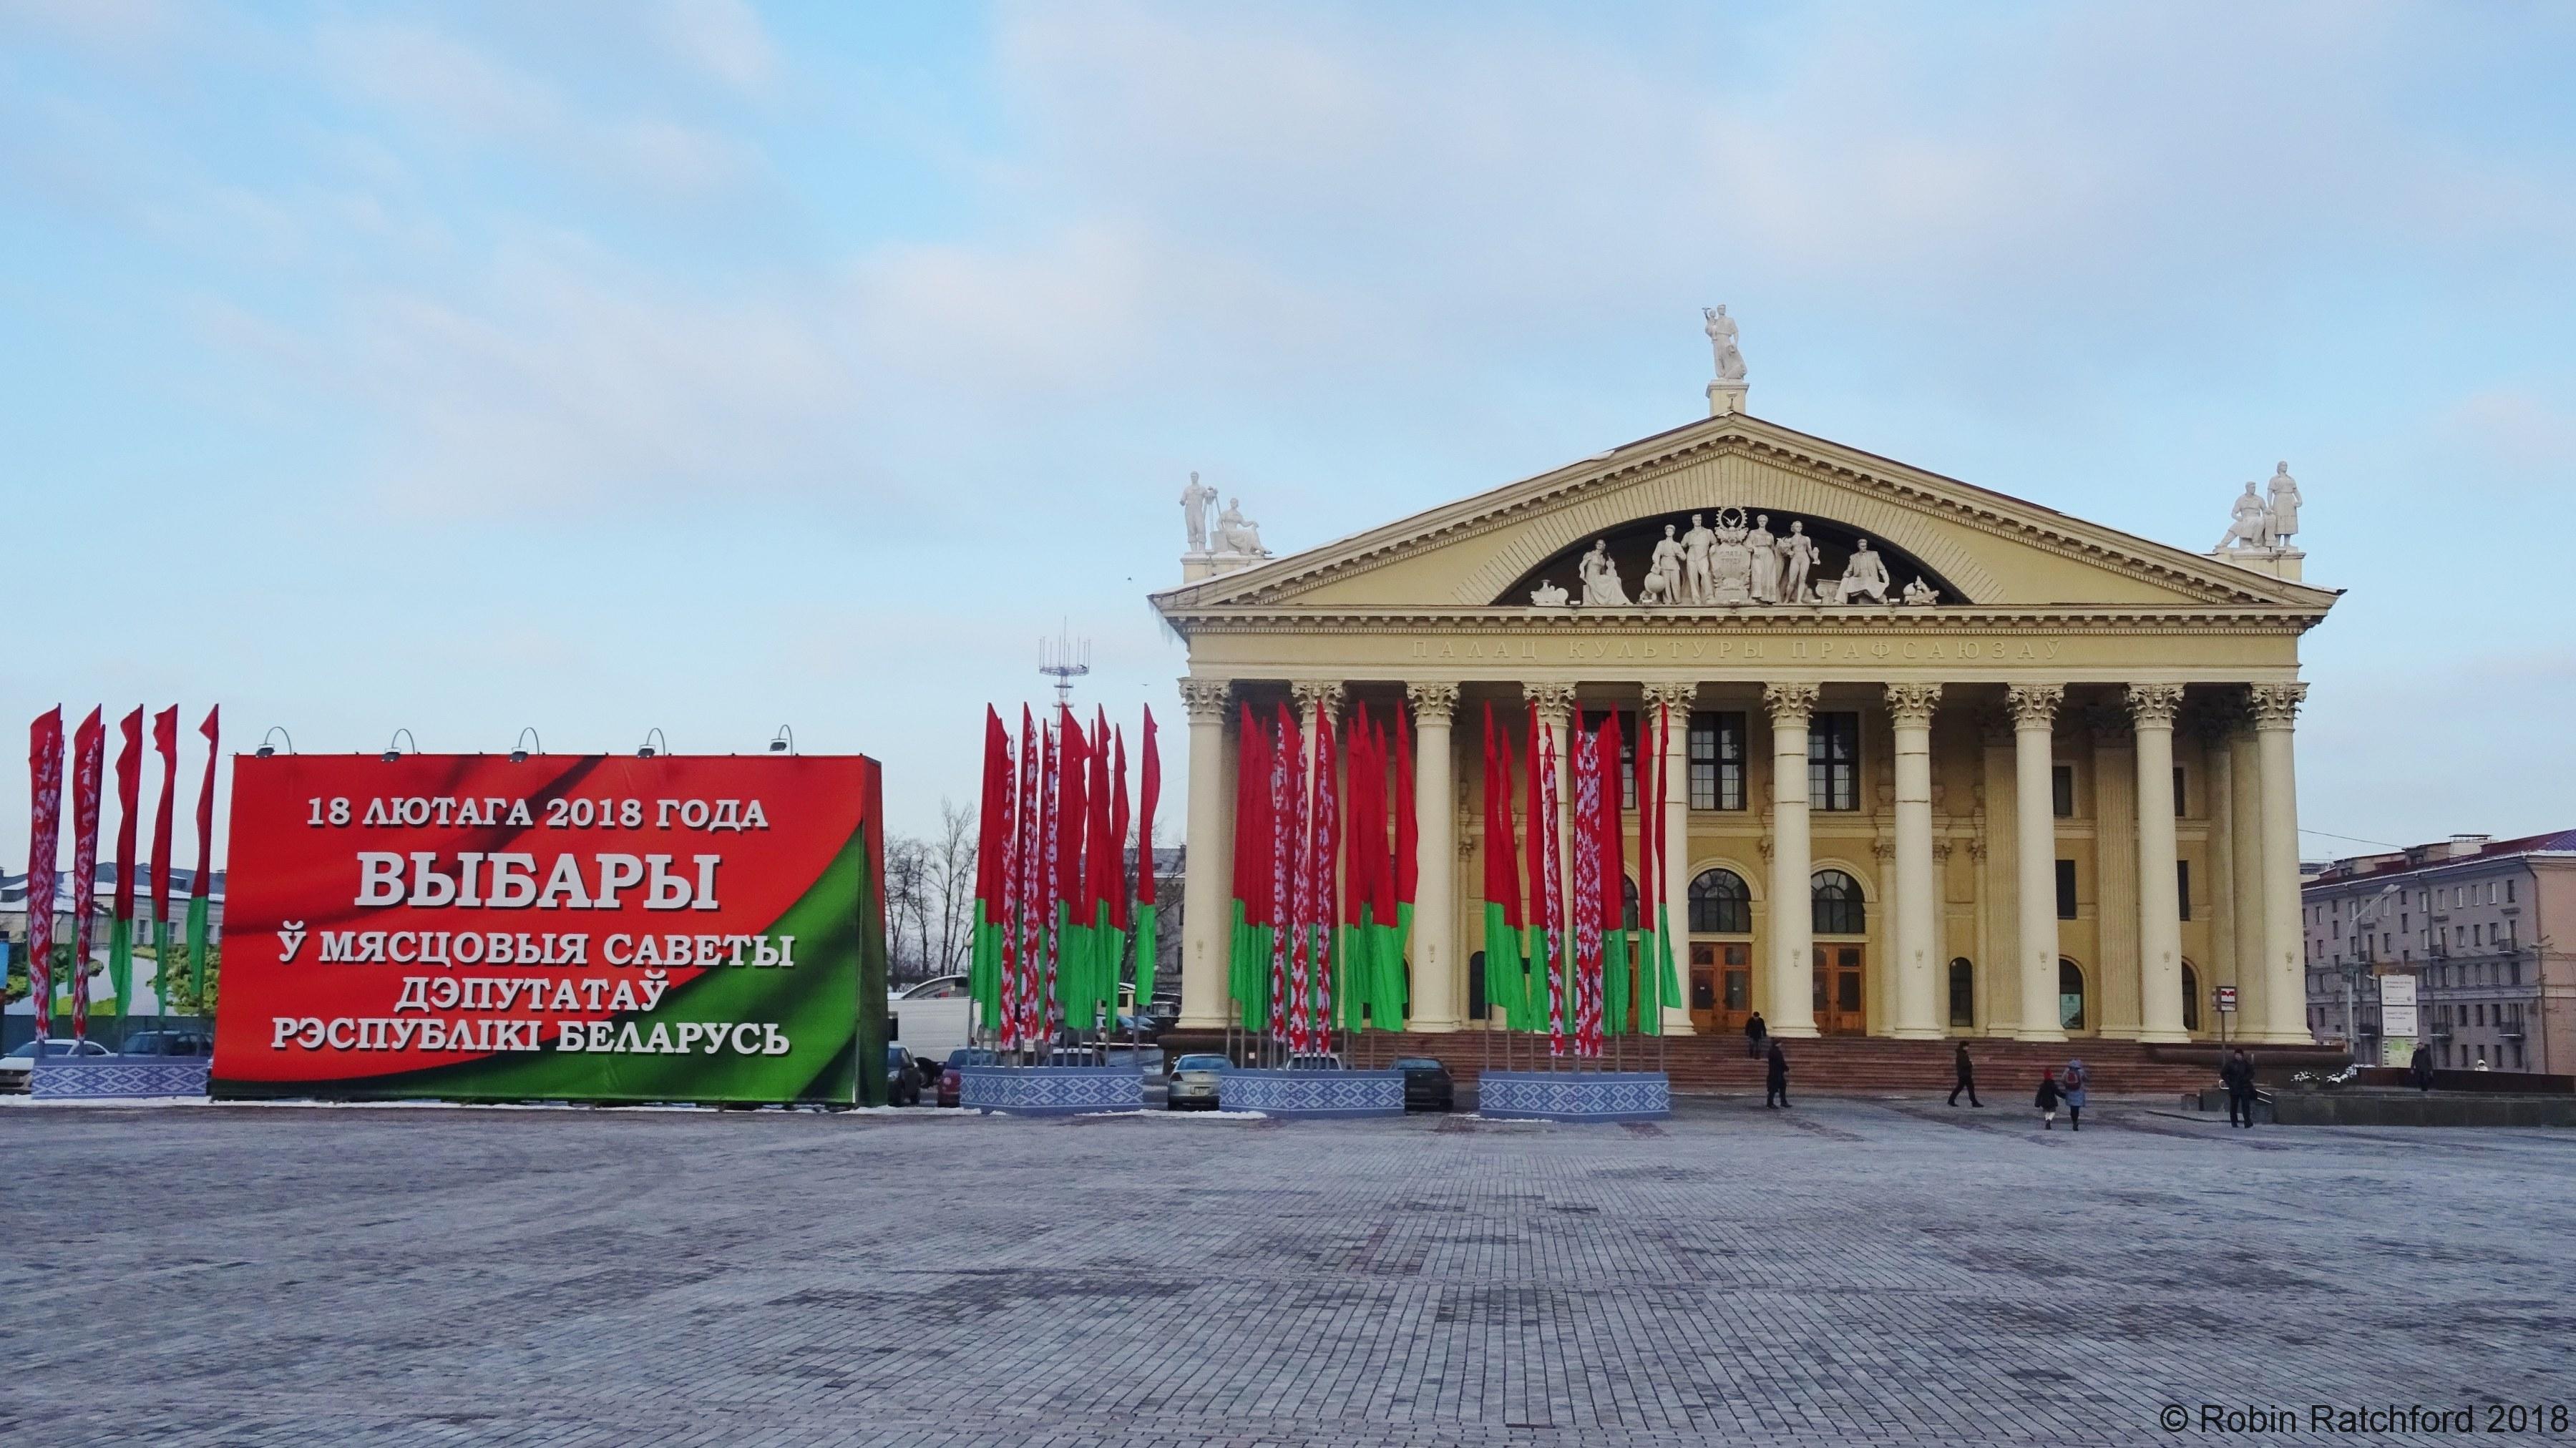 Labour Union Palace of Culture